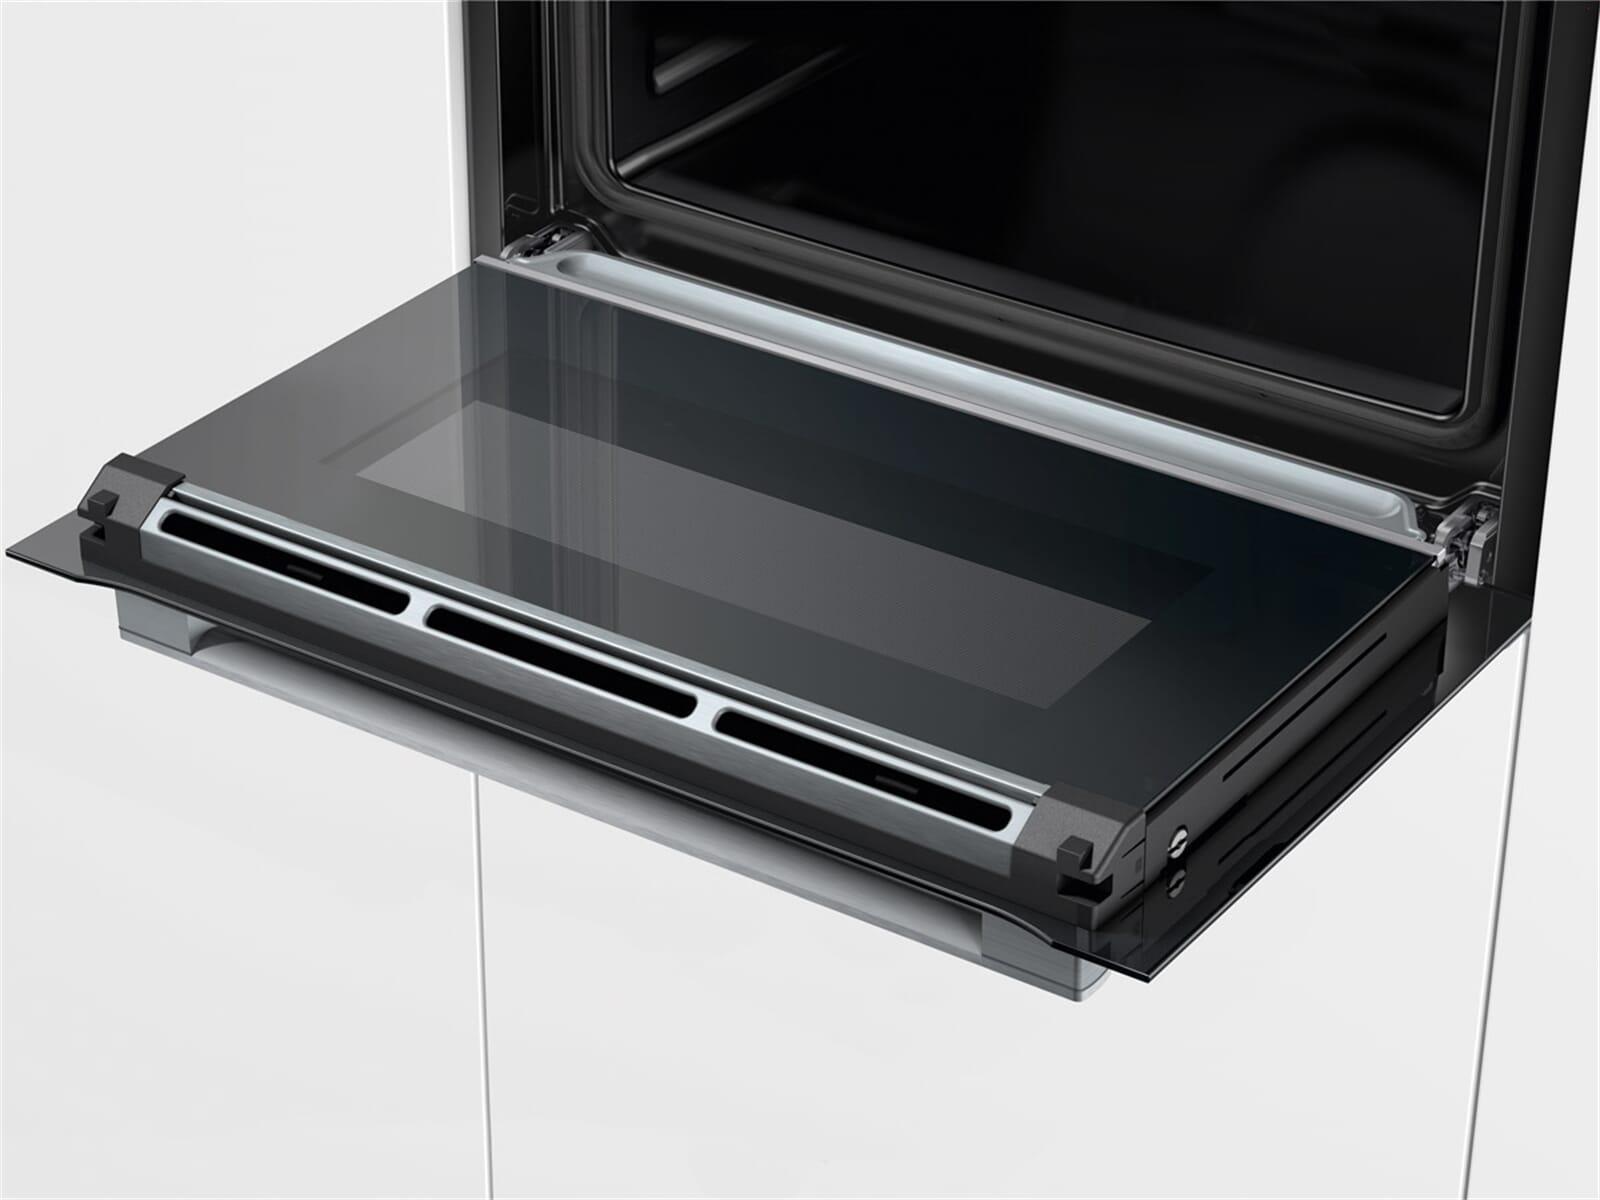 Bosch CSG656RB6 Kompakt Dampfgar-Backofen Vulkan schwarz